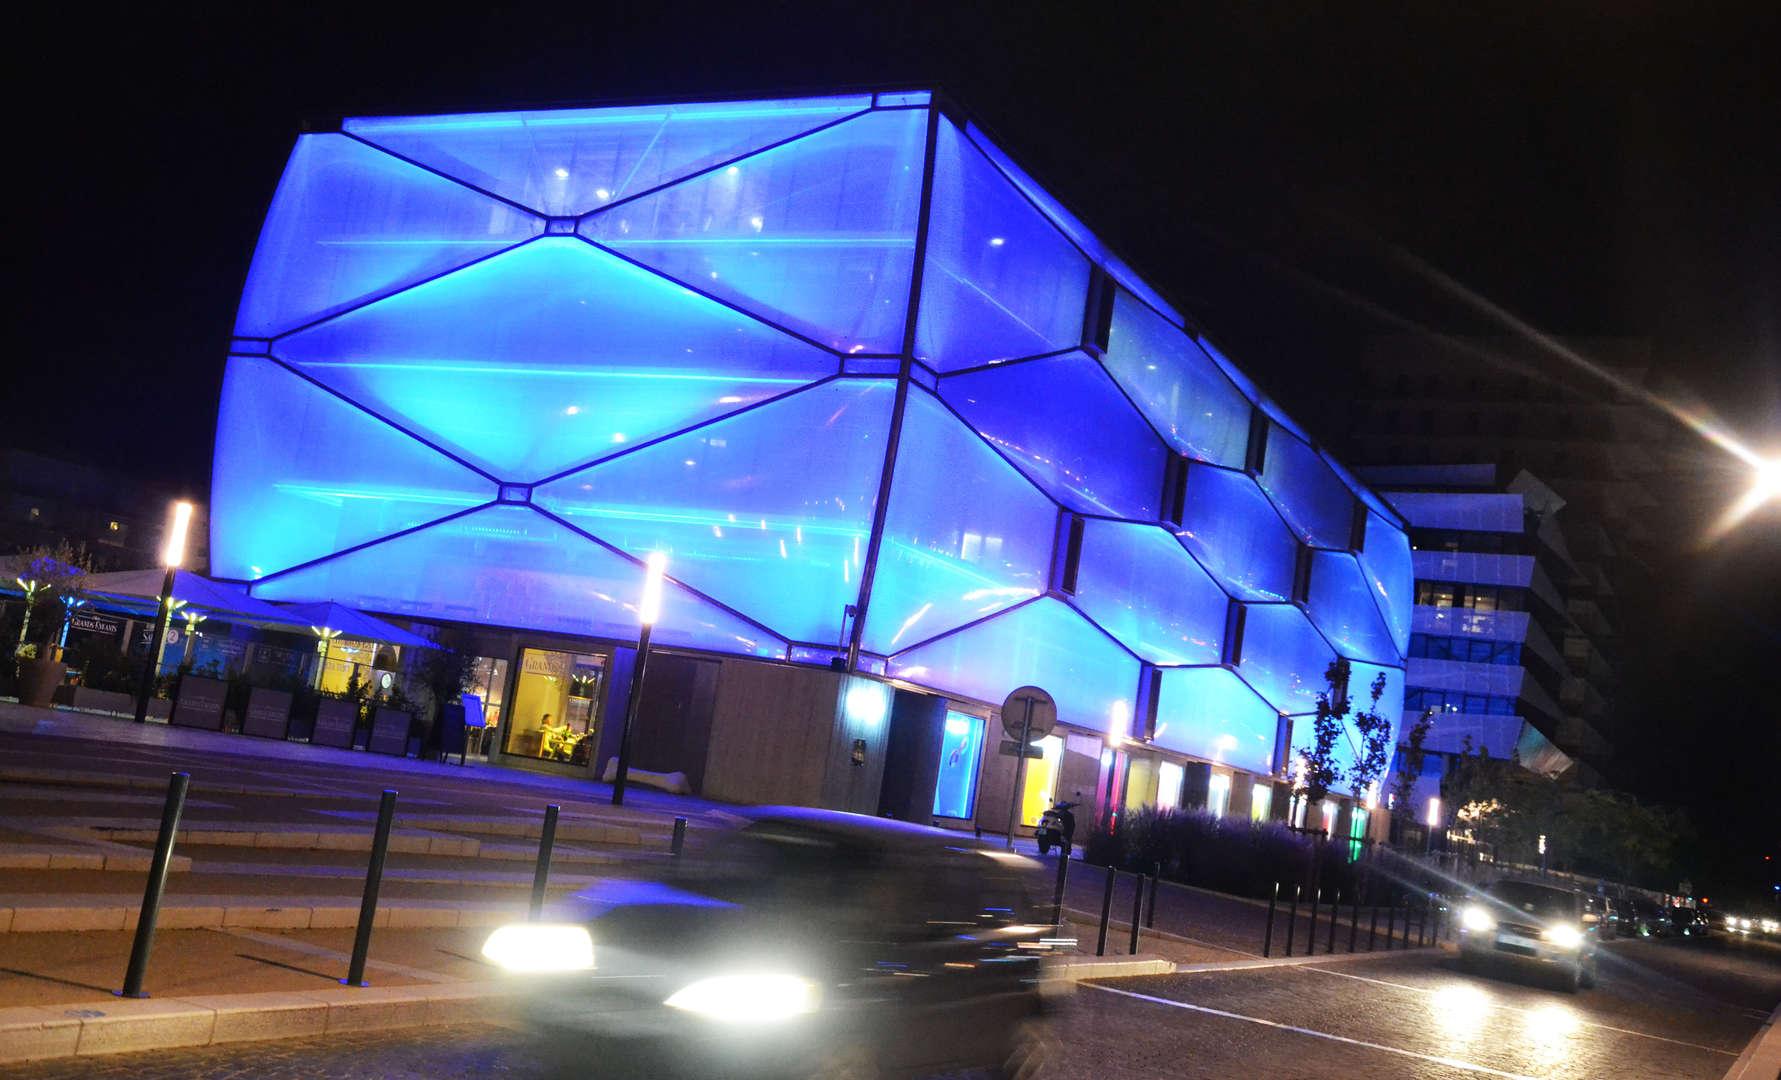 Nuage-port-marianne-Montpellier-de-nuit-eclairage-bleu_free_format